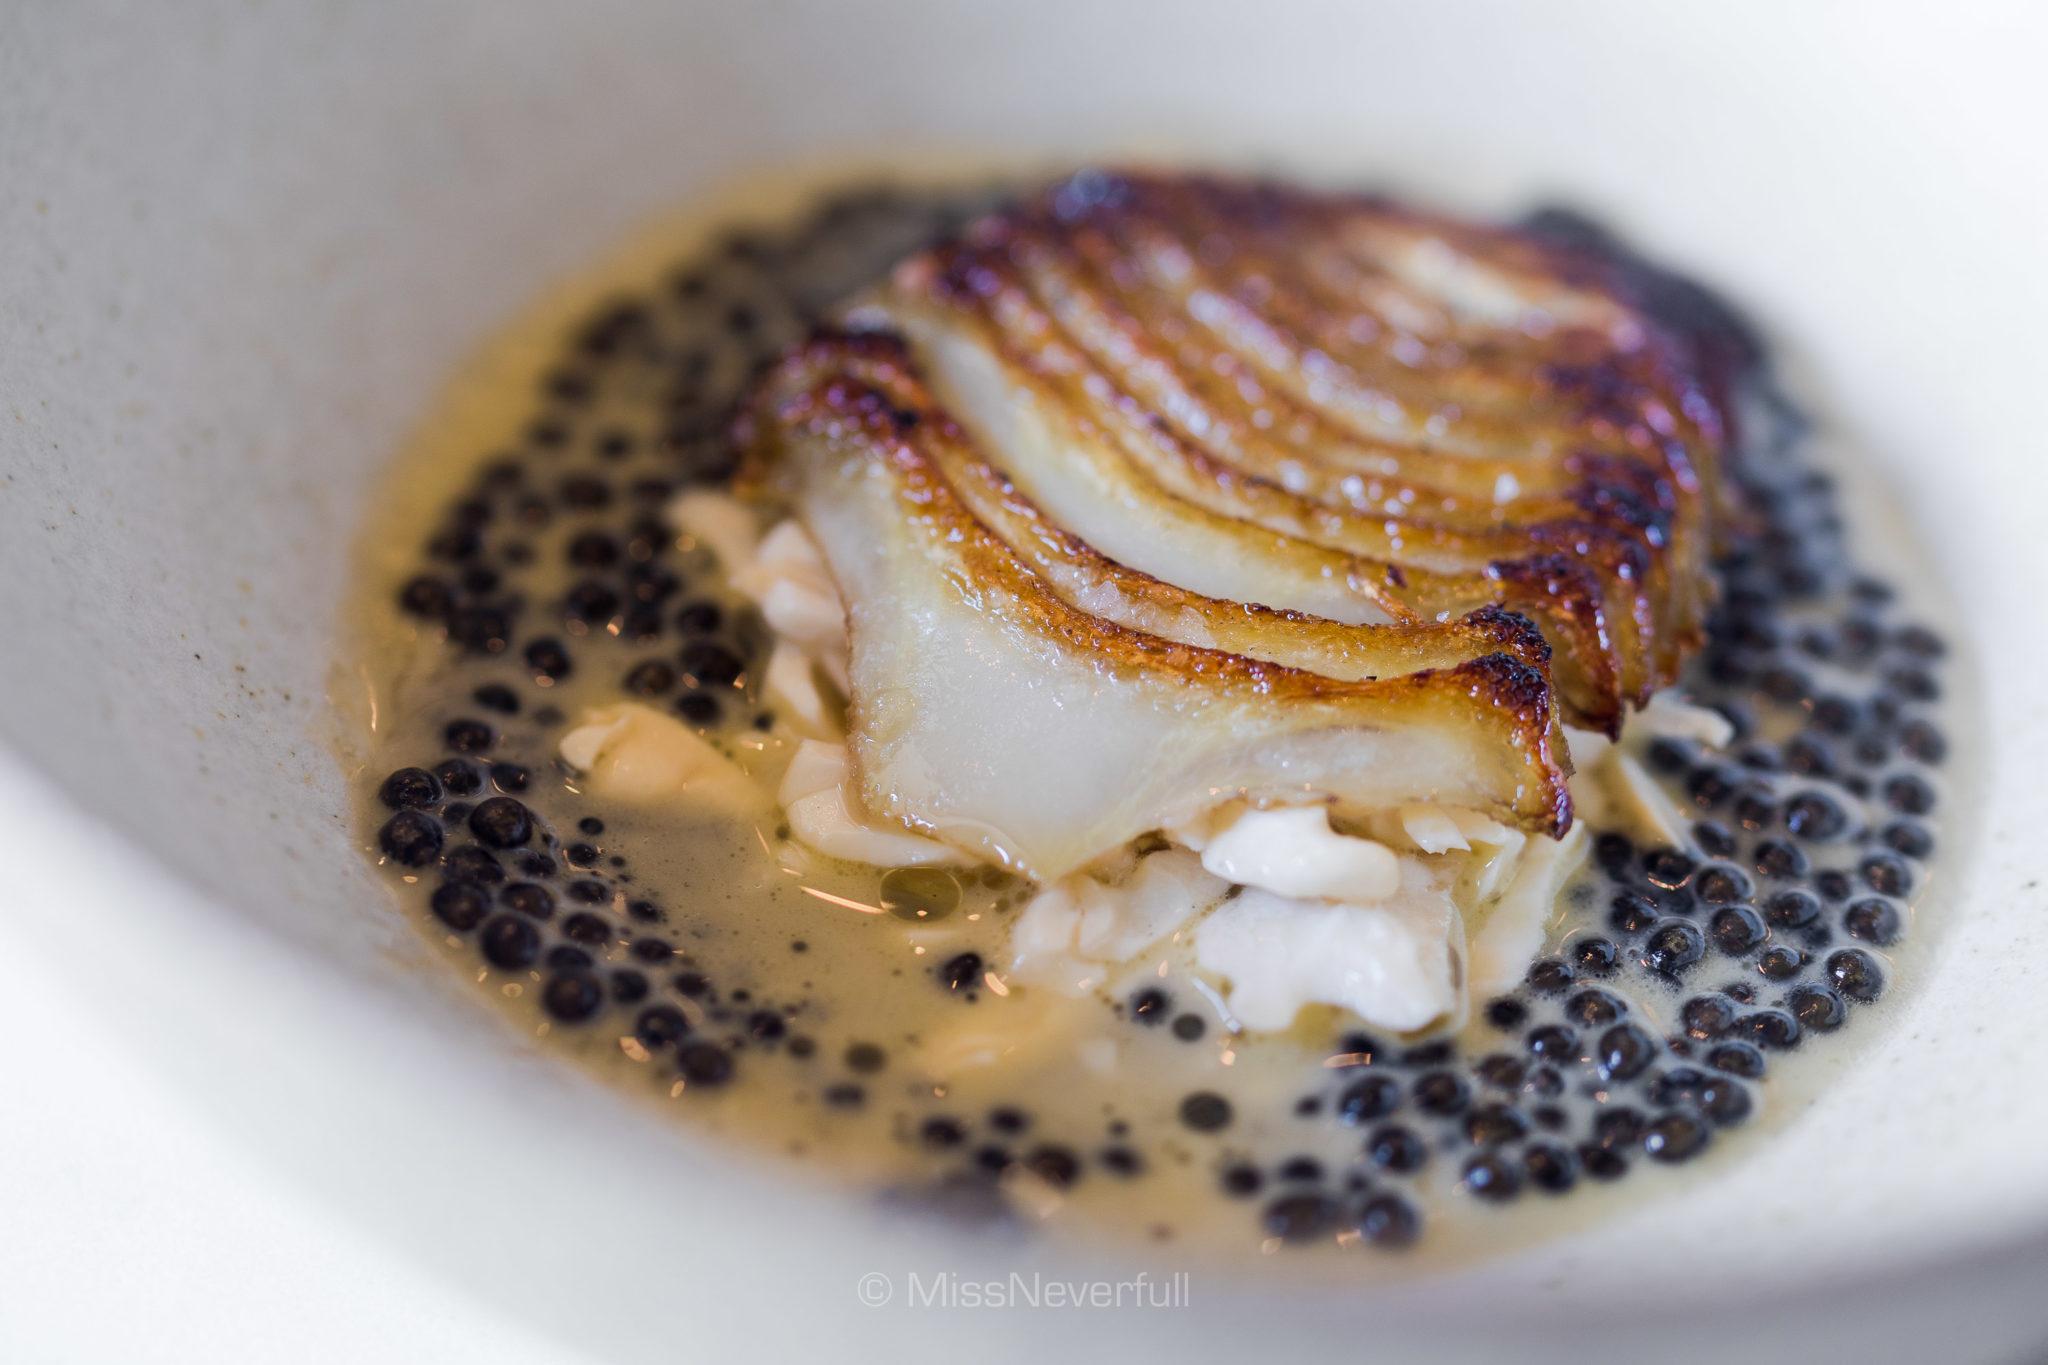 9. Artichoke and caviar